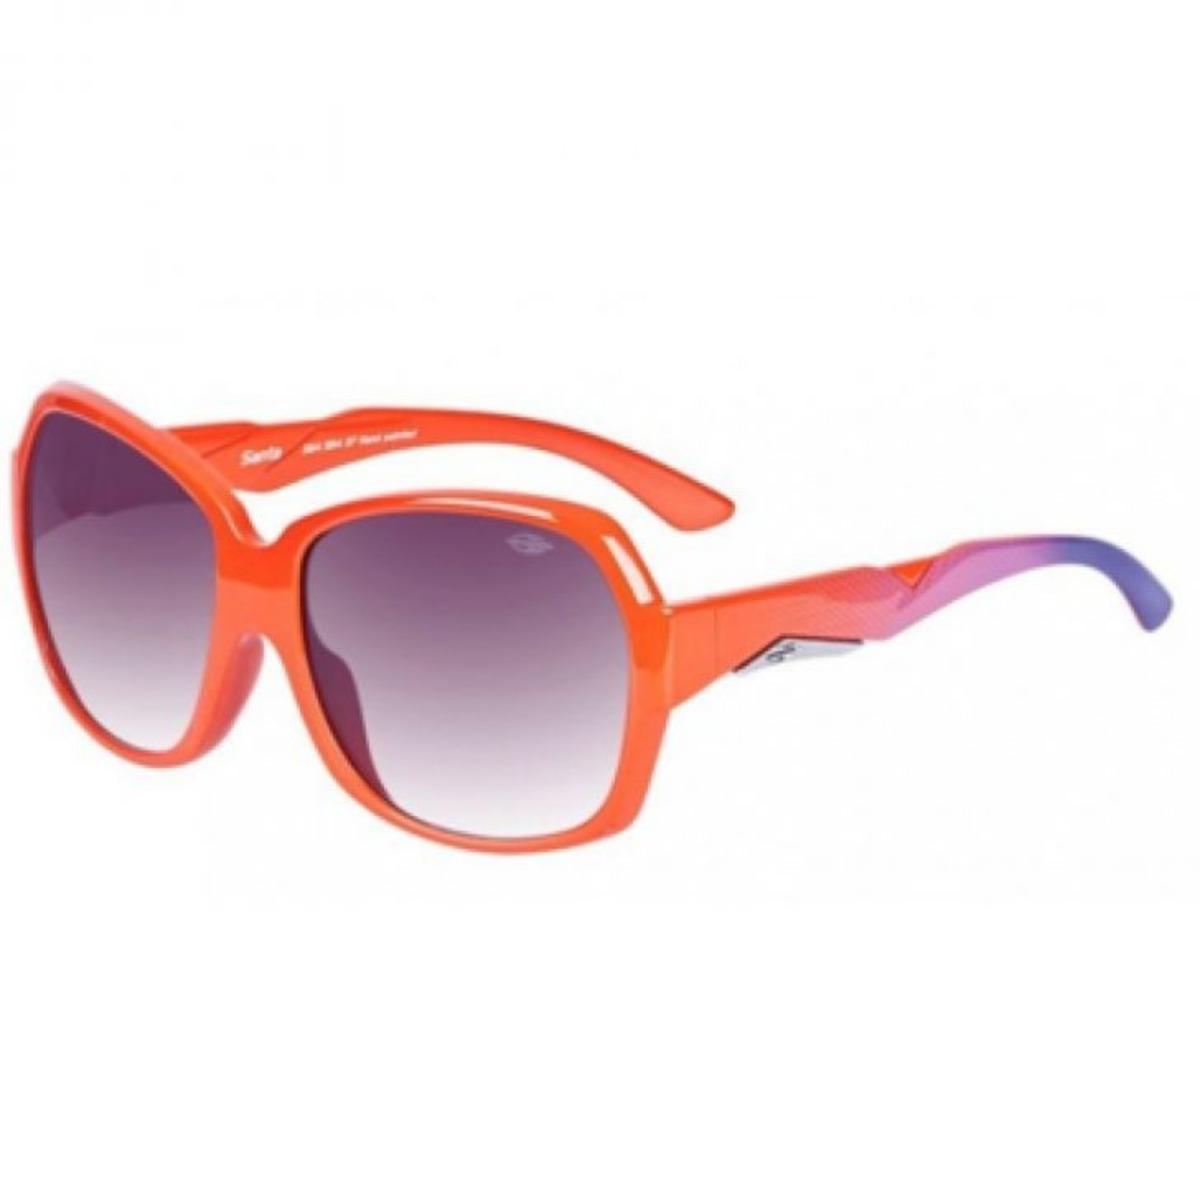 7c810bb175a97 mormaii santa 0036438437 ref0746 55 - laranja - melhor preço. Carregando  zoom.